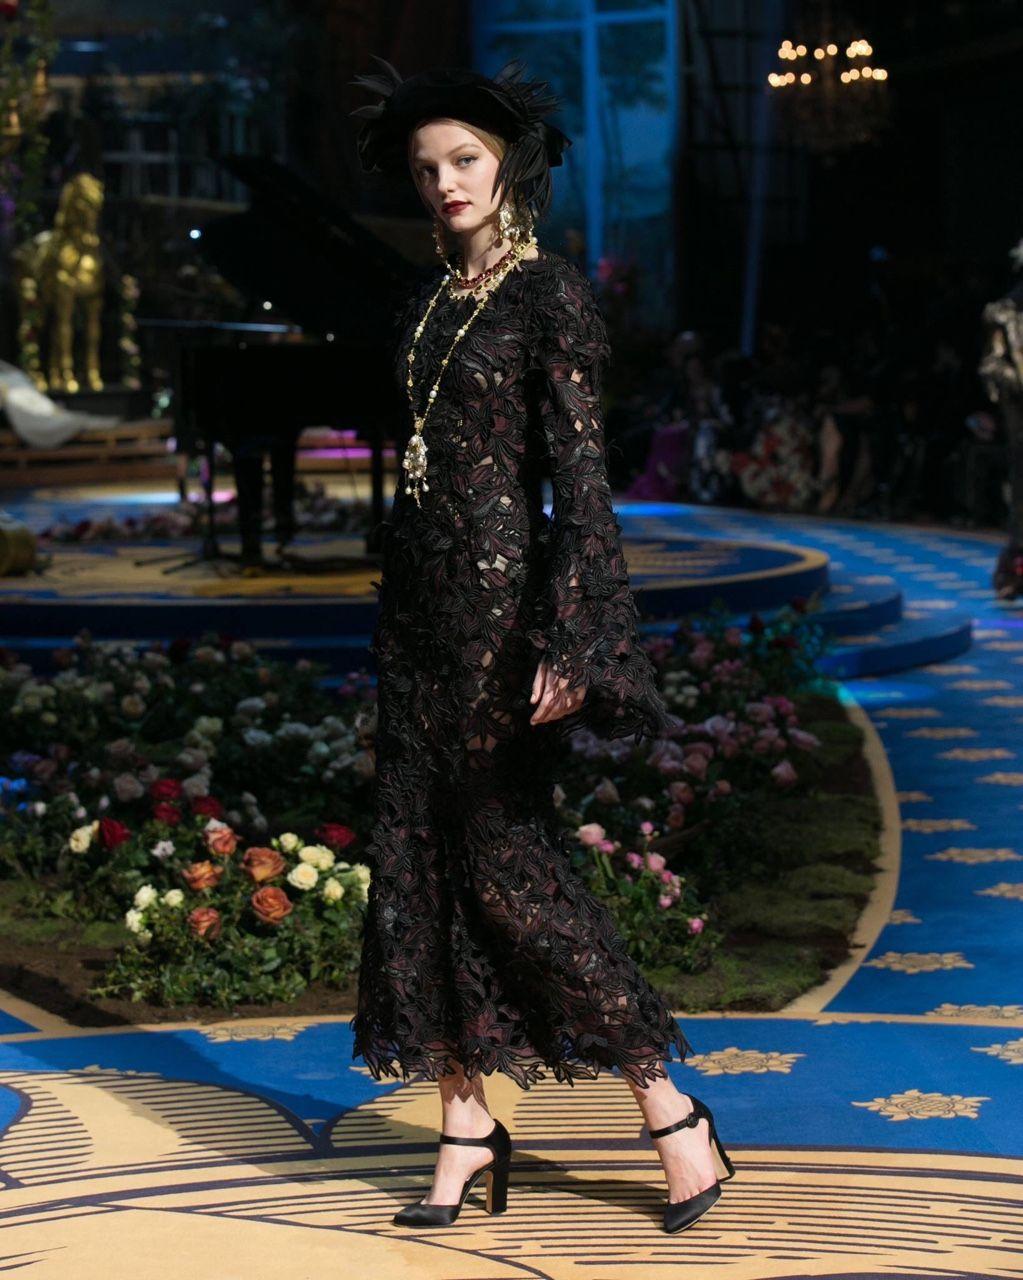 fashion elegance luxury beauty — Dolce&Gabbana Alta Moda Laboratori del Teatro...